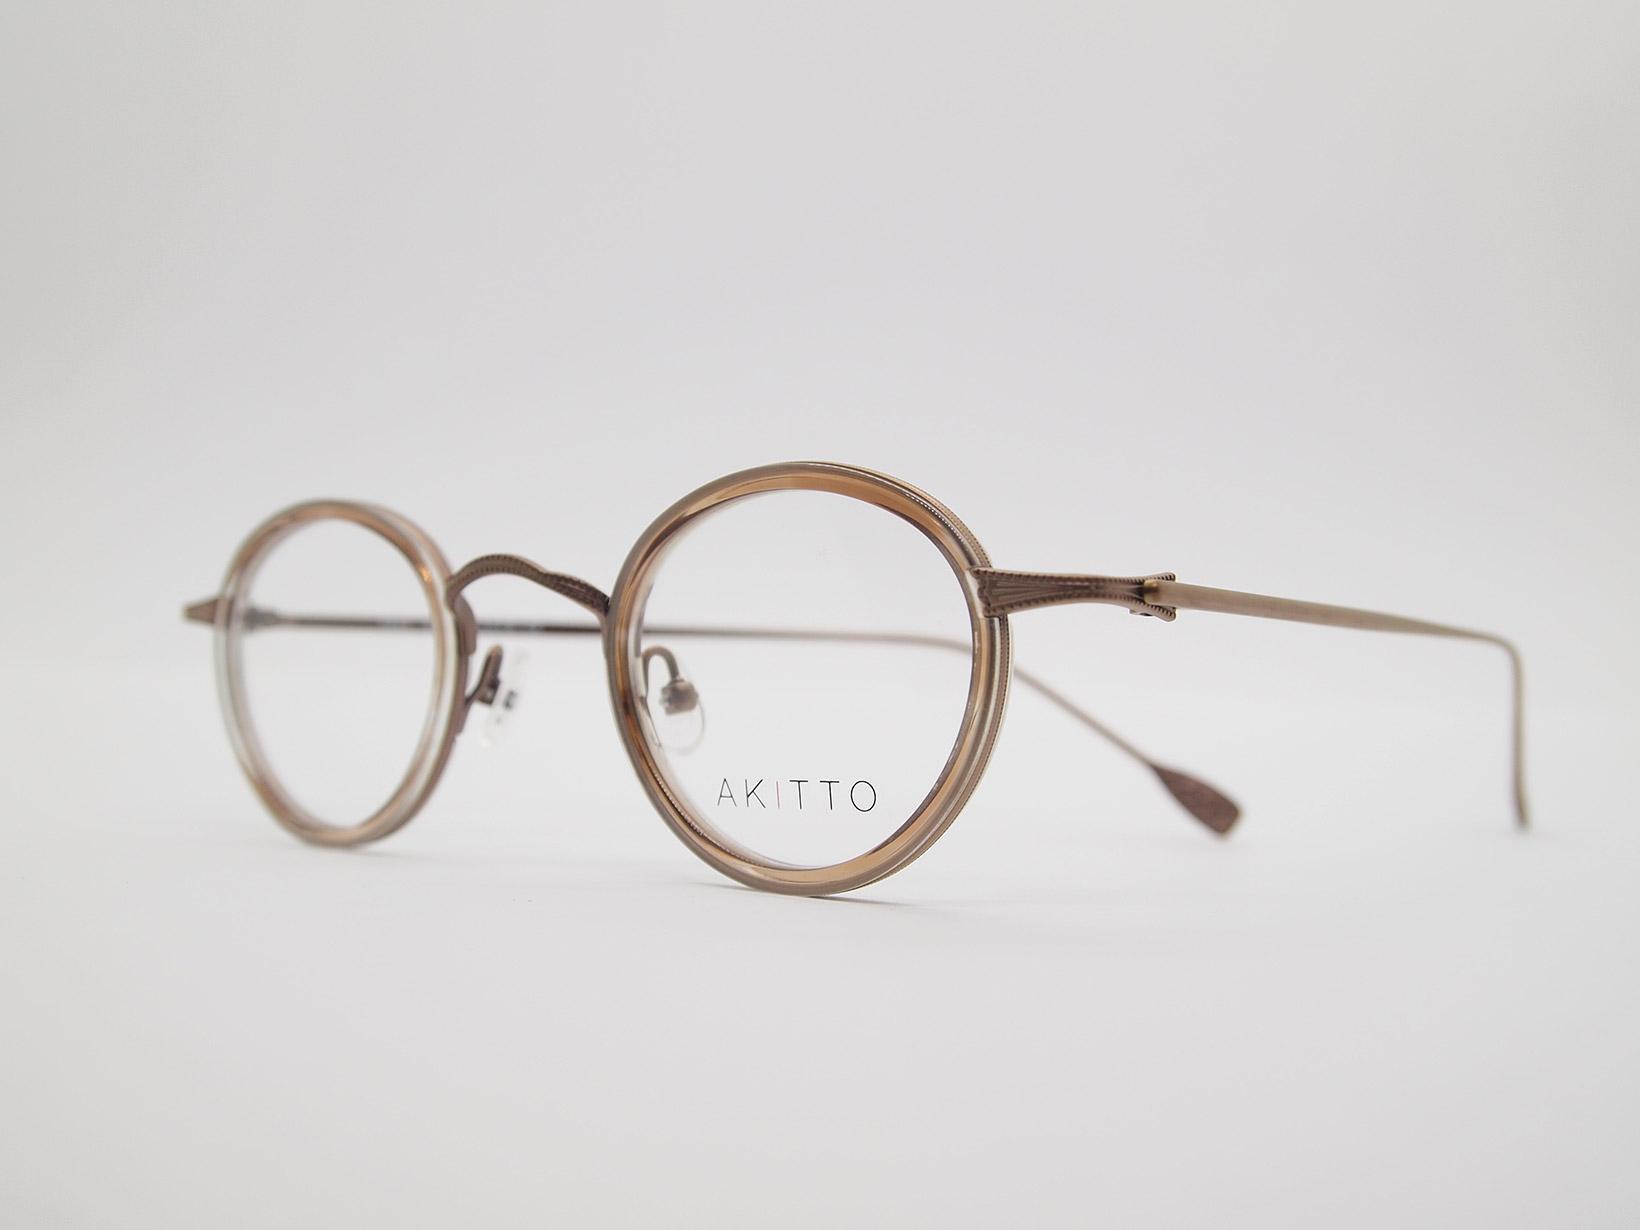 AKITTO 2021-4th tas2 color CB size:41□25 material:titanium+acetate price:¥46,200-(税込み)